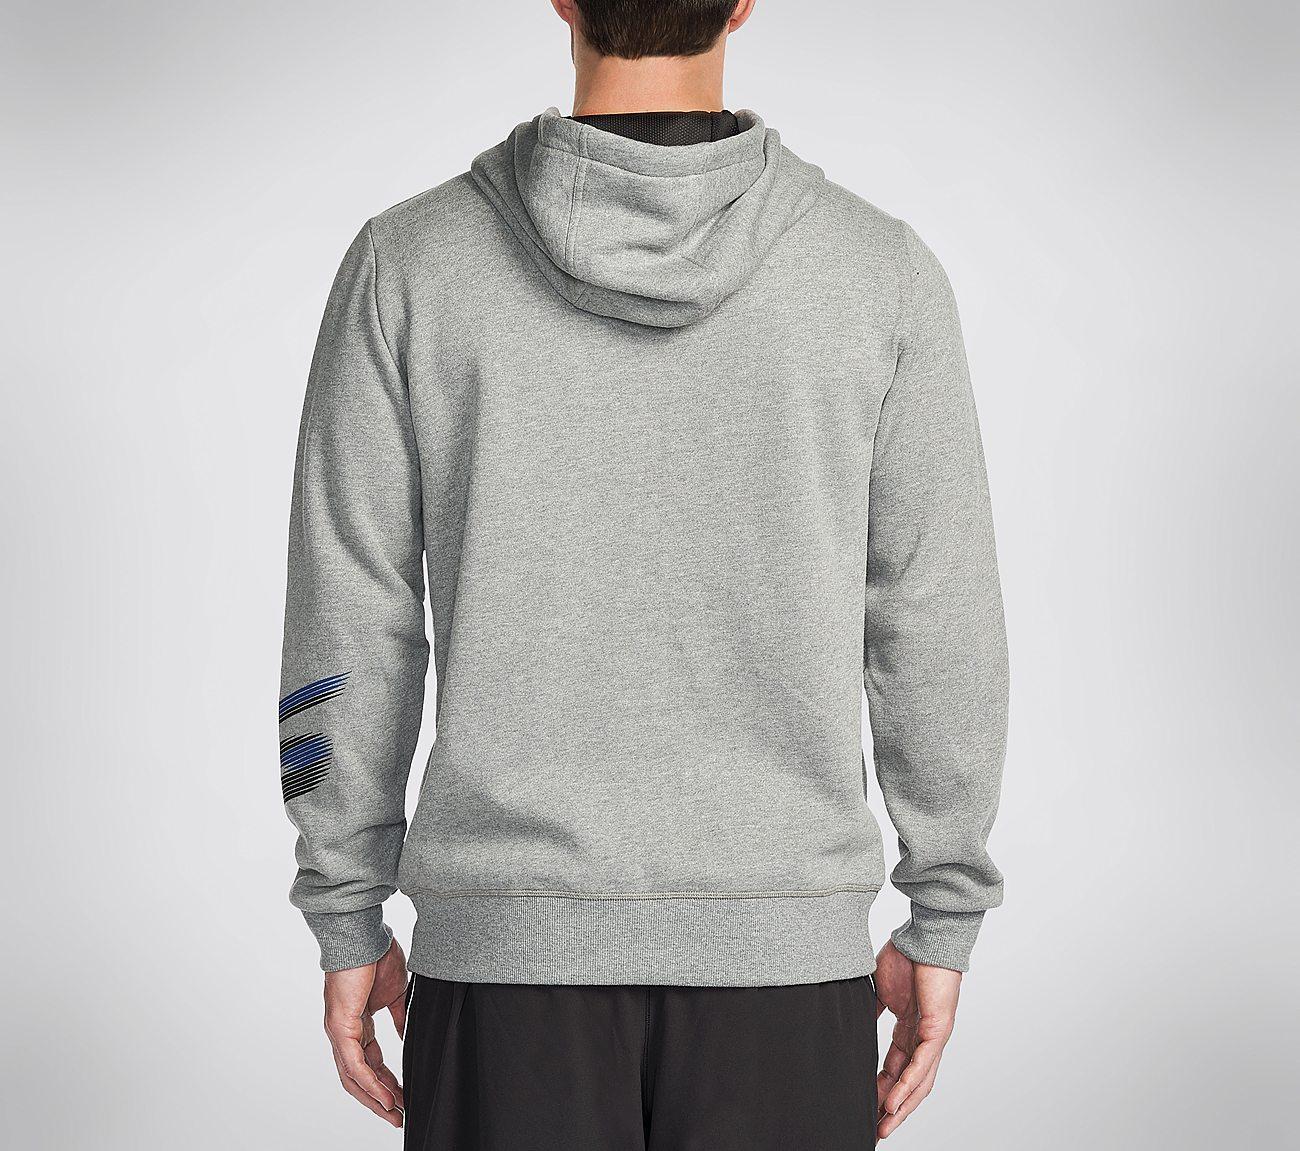 skechers sweatshirt